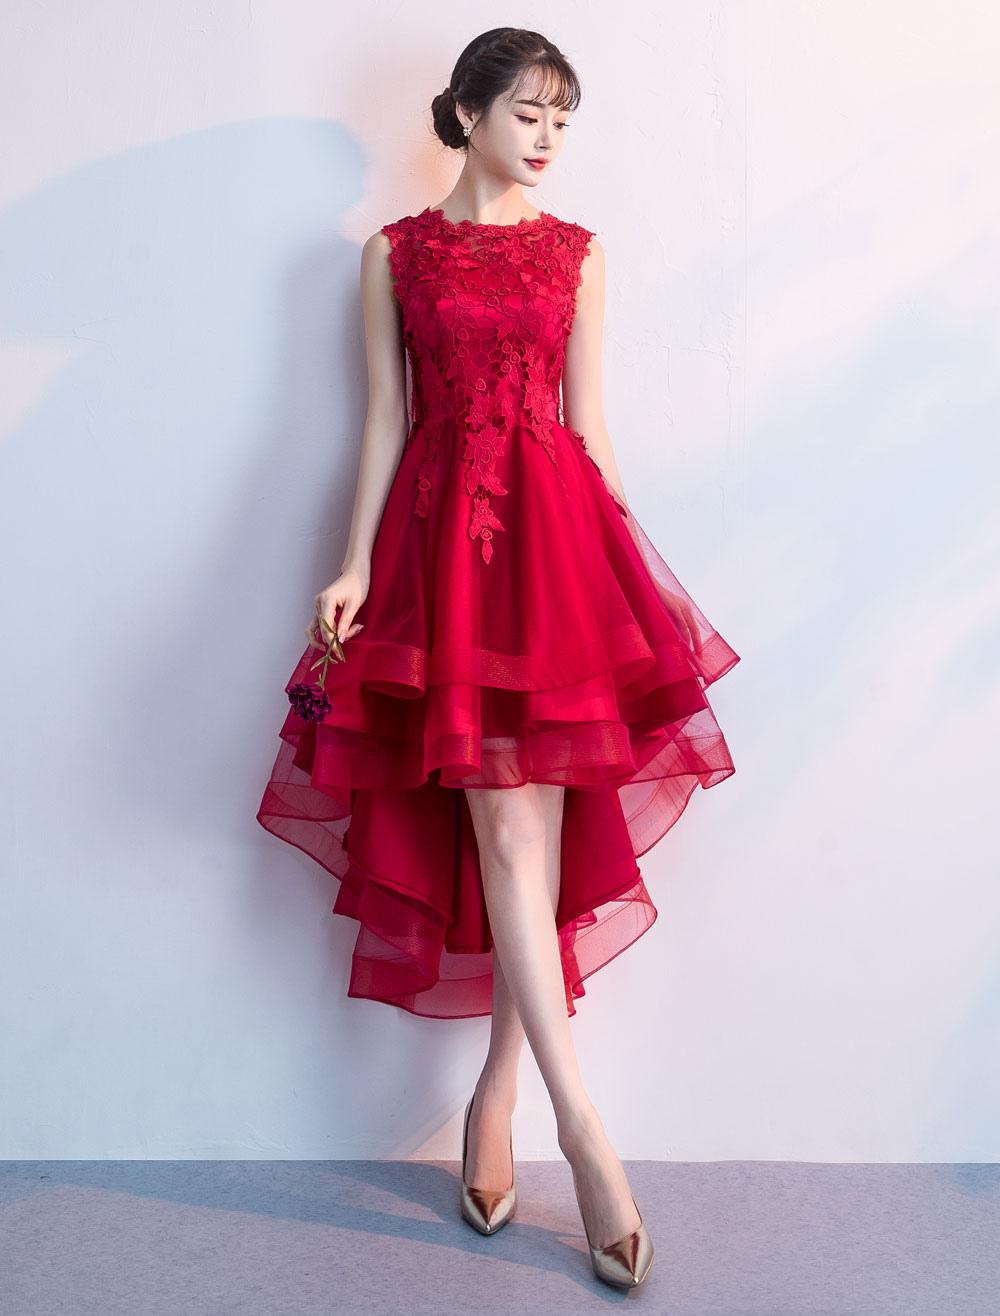 1de29a85f7fb9 Cocktail Party Dresses Red High Low Prom Dress Lace Applique ...